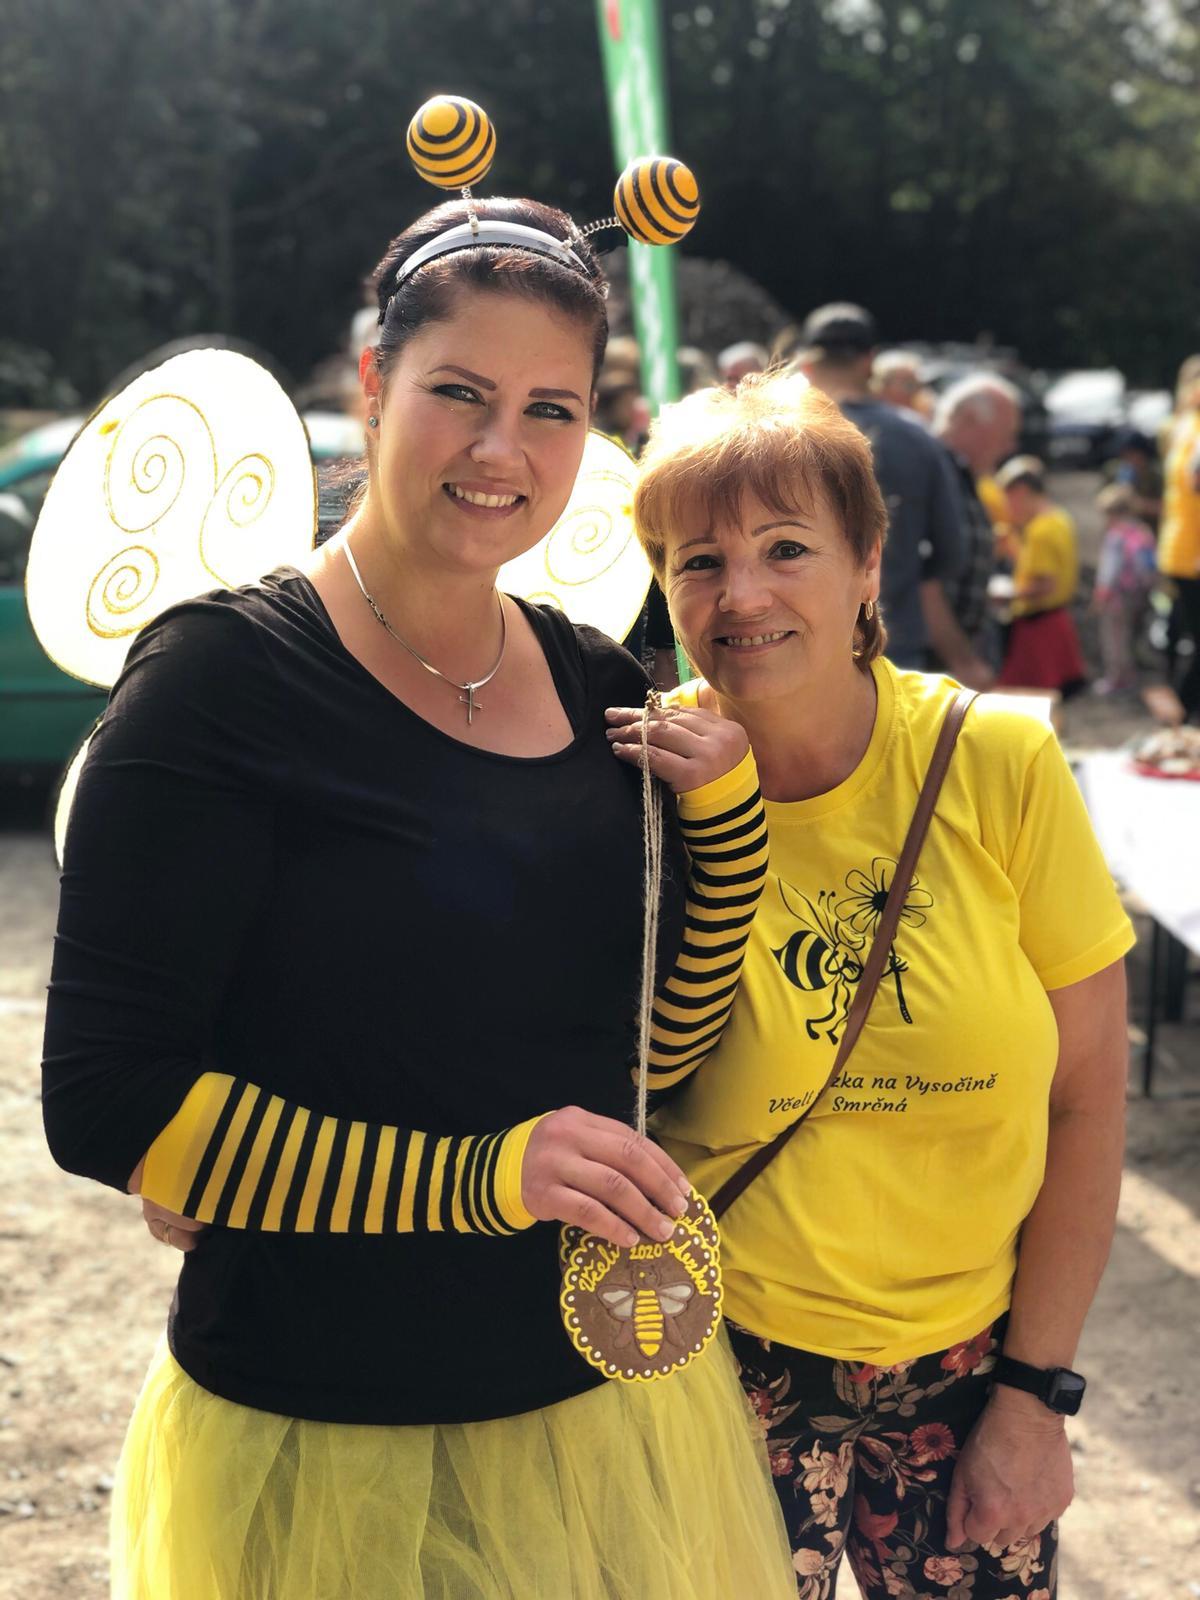 účastnice včelí stezky